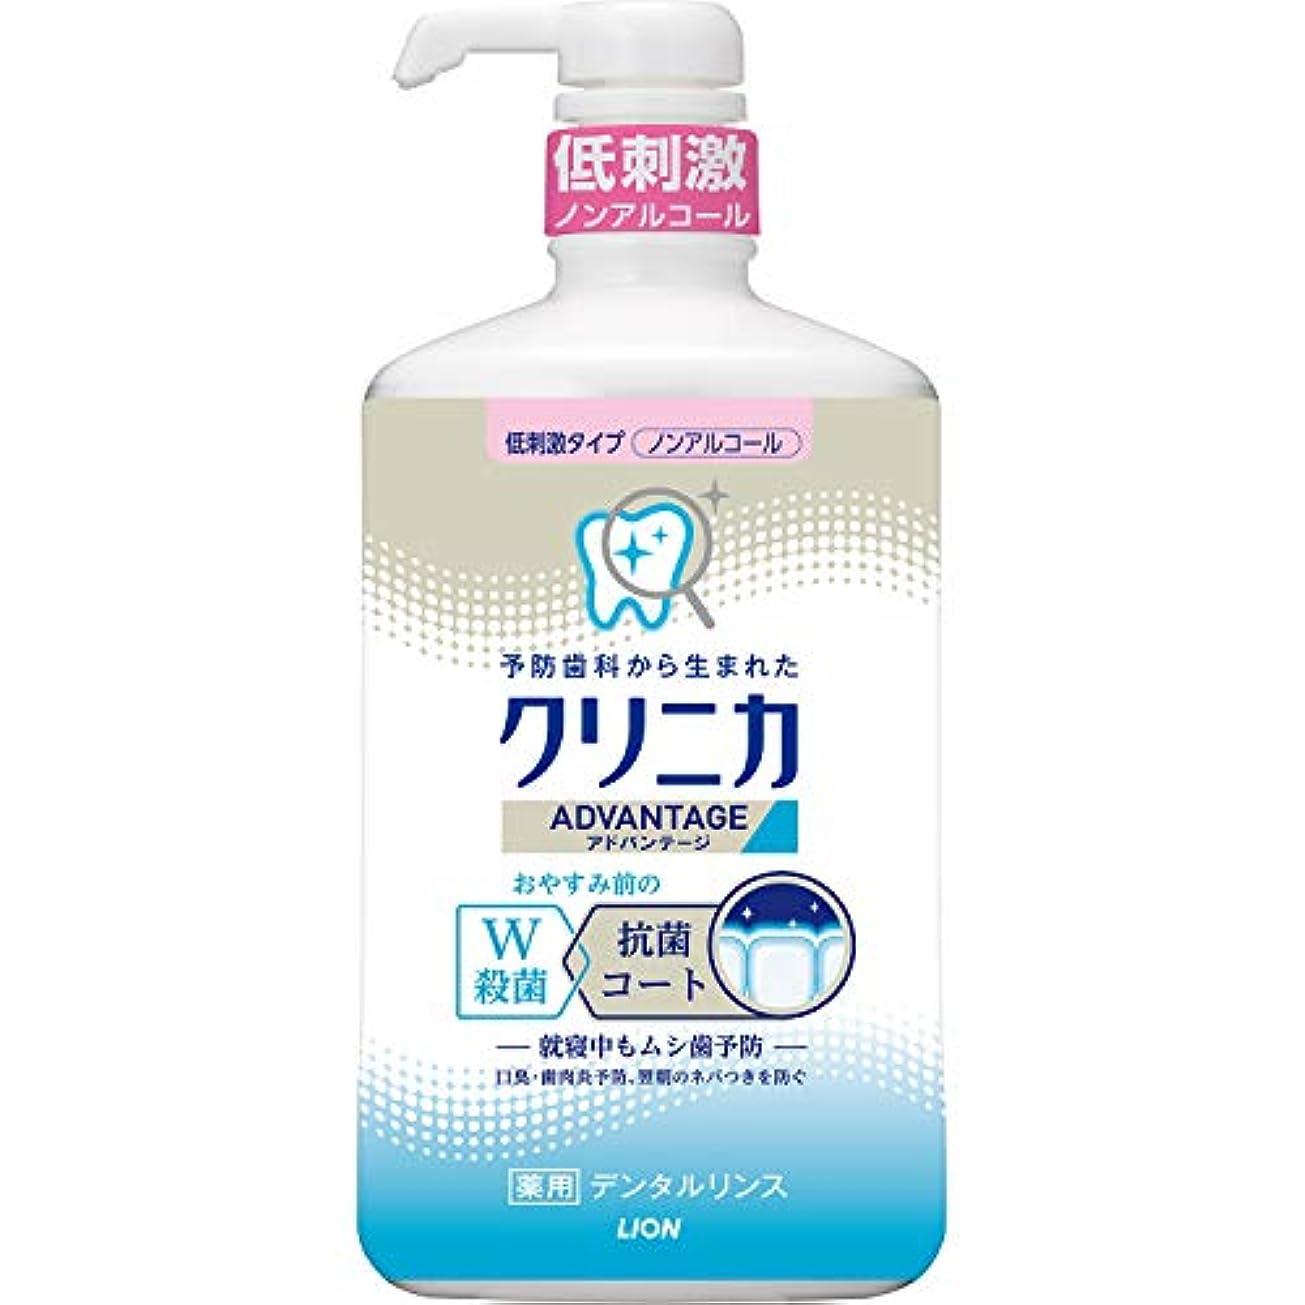 白い慢スプーンクリニカアドバンテージ デンタルリンス 低刺激タイプ(ノンアルコール) 900ml 液体歯磨 (医薬部外品)